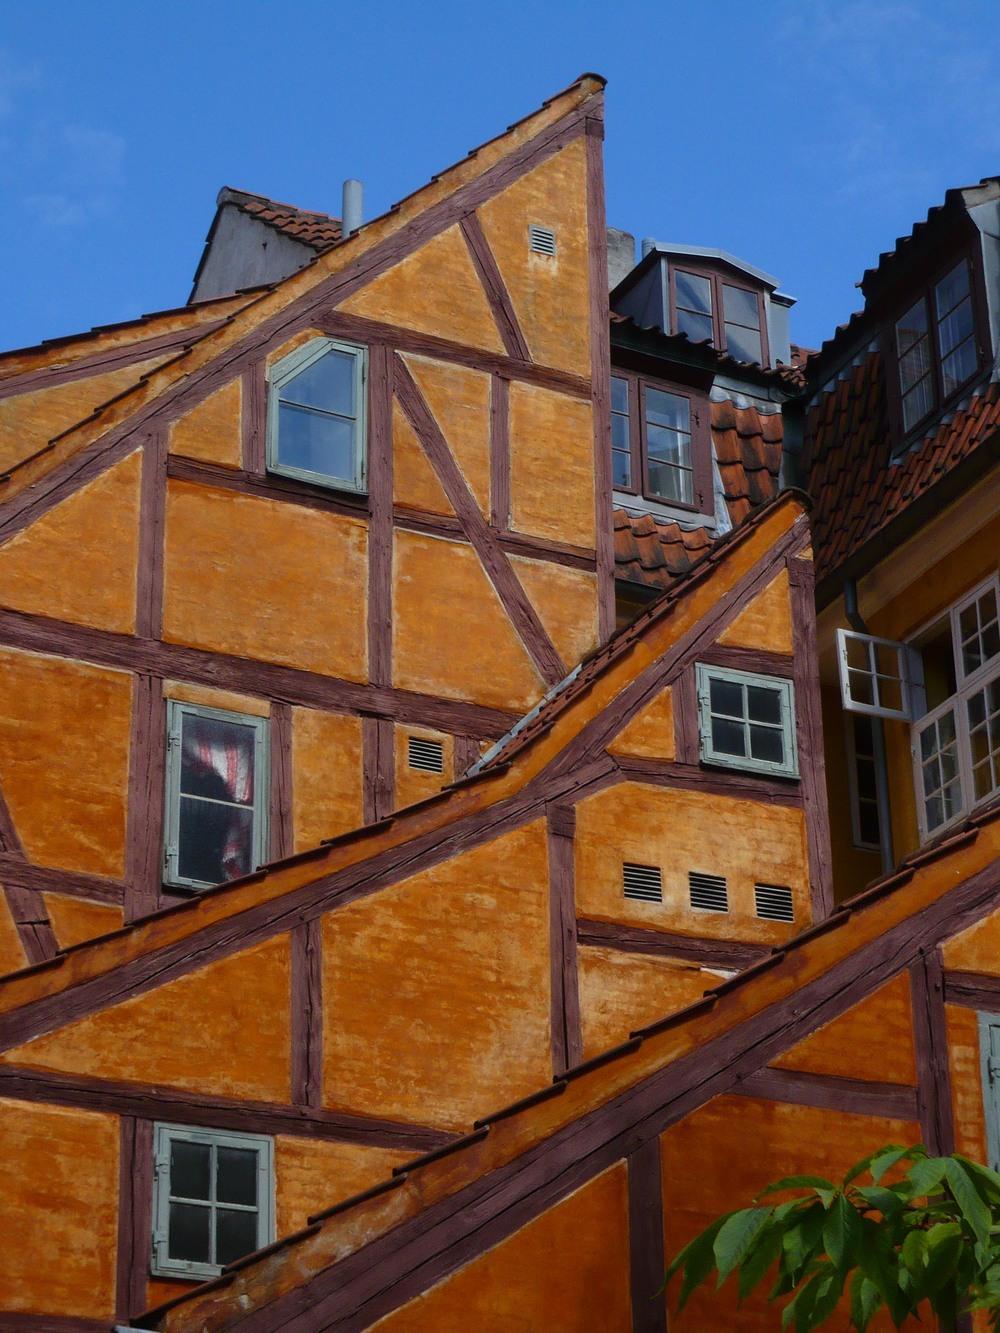 Timber-framed buildings in a courtyard in Copenhagen